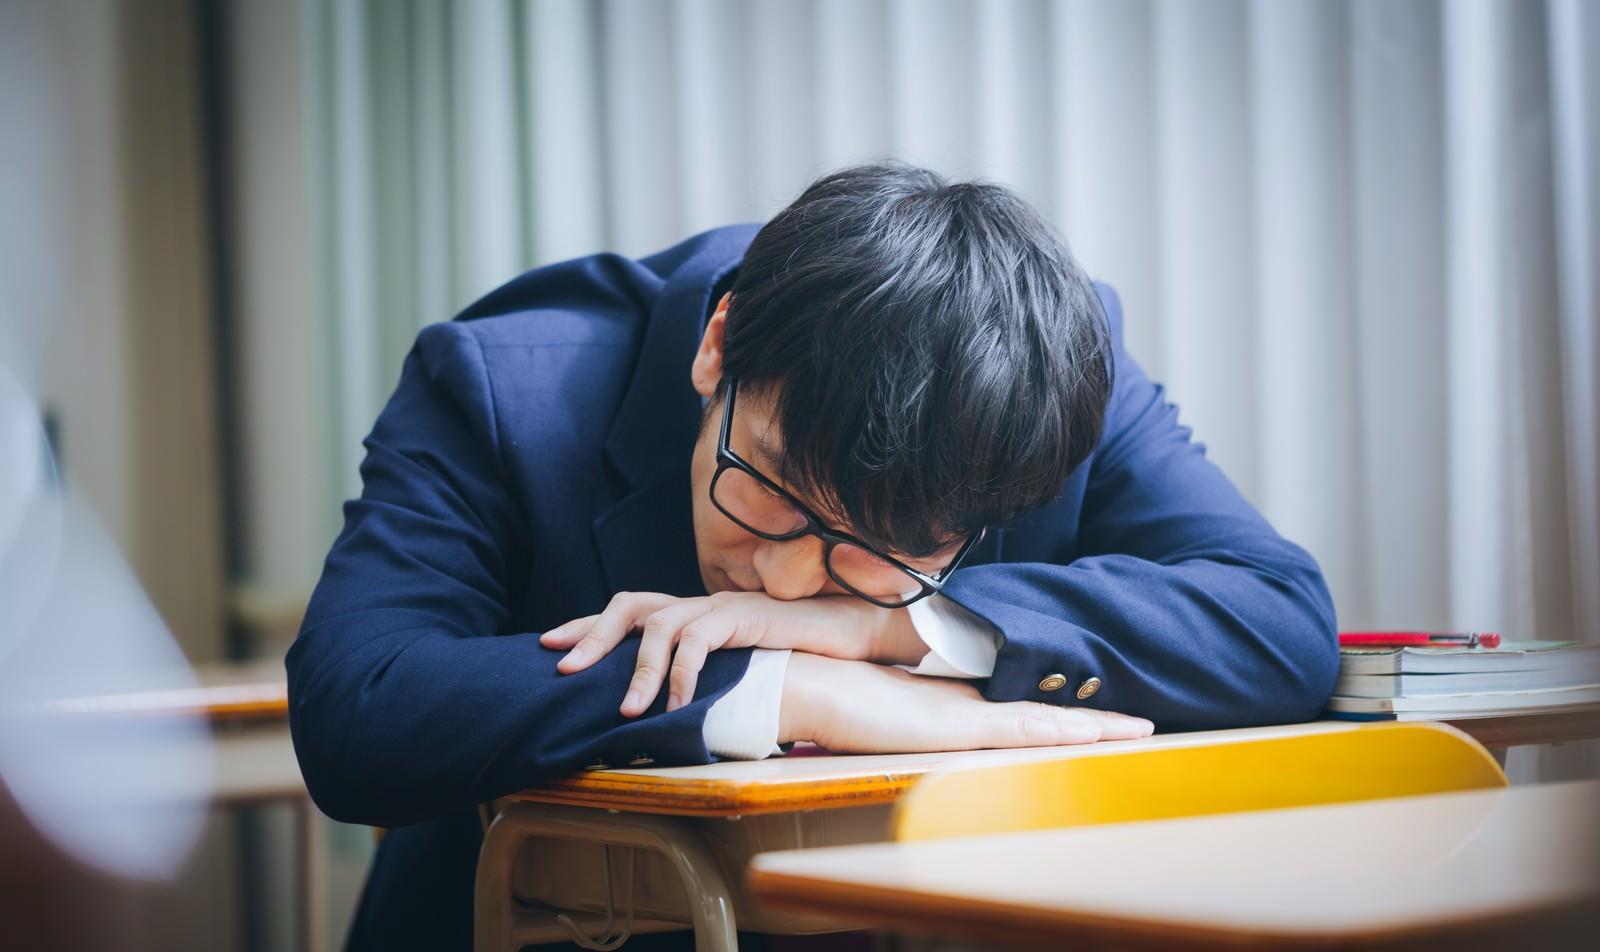 「補習中居眠りをする留年候補生補習中居眠りをする留年候補生」[モデル:大川竜弥]のフリー写真素材を拡大